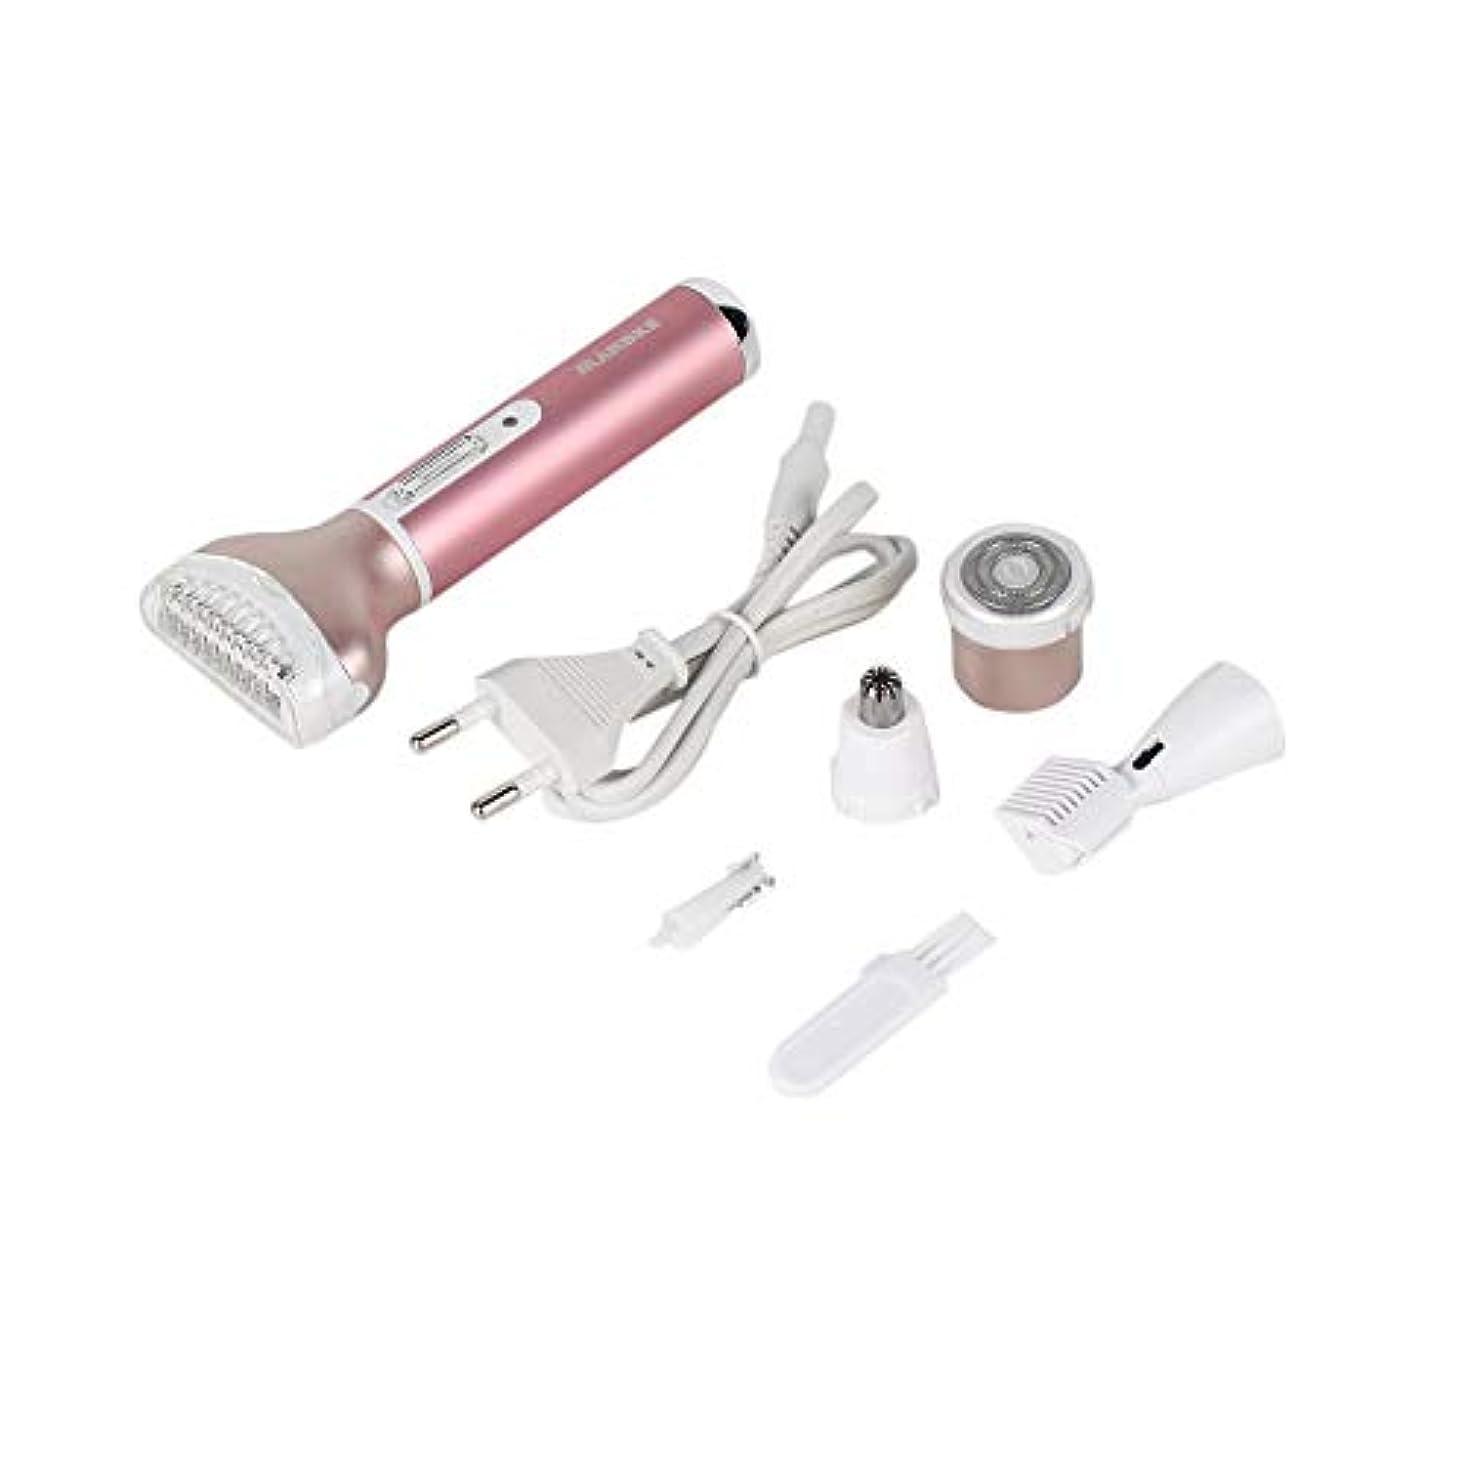 融合アンティークループ1つの毛の除去剤の電気脱毛器の痛みのない脱毛器に付き多機能の4-Innovationo